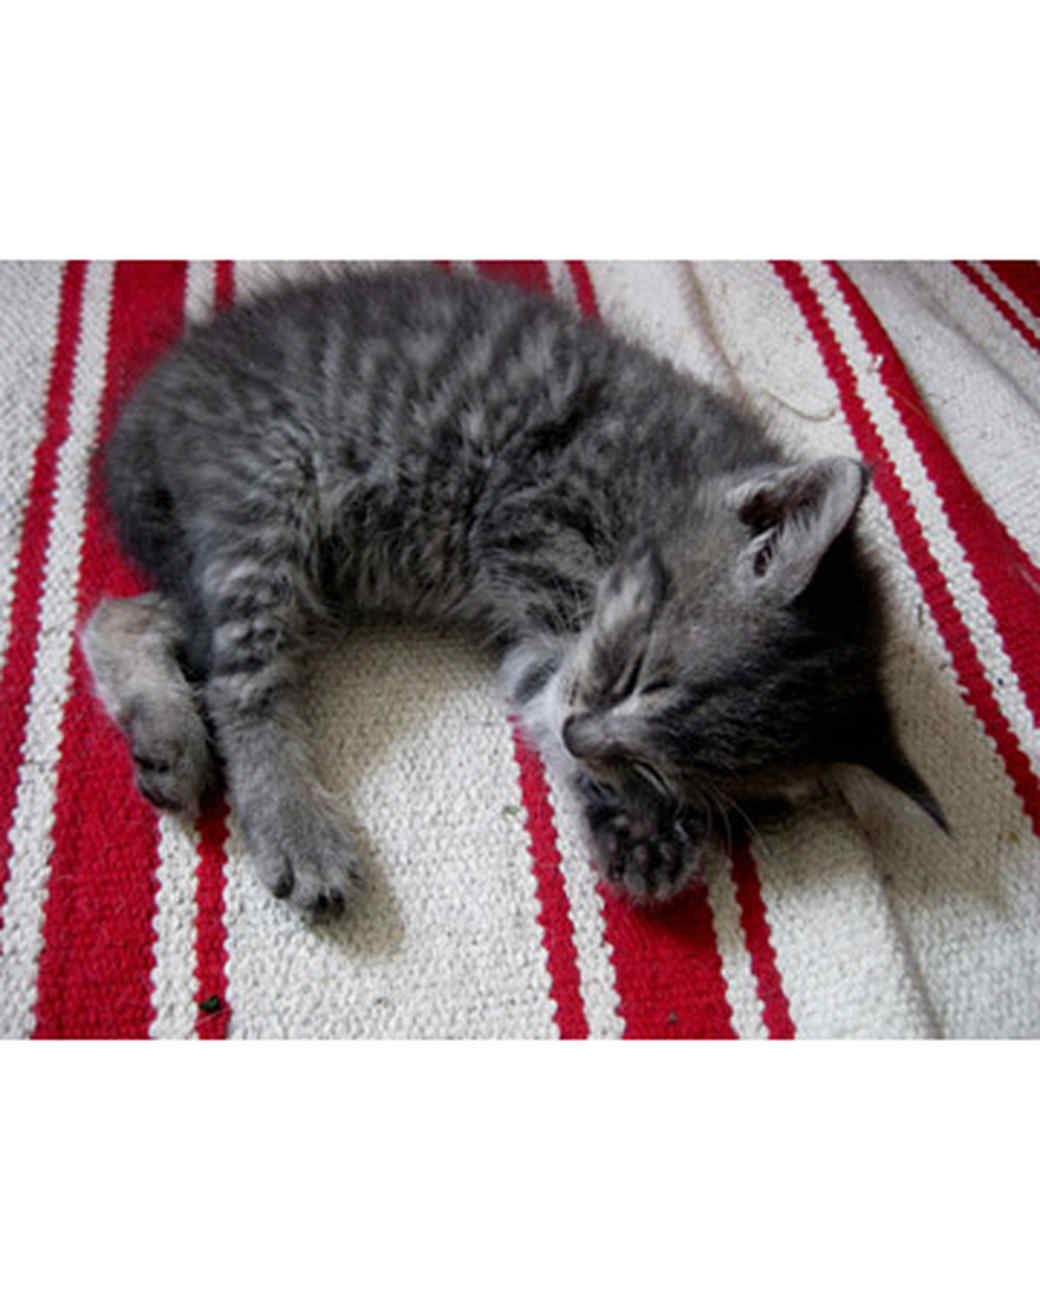 pets_kittens_0610_9537159_10998021.jpg